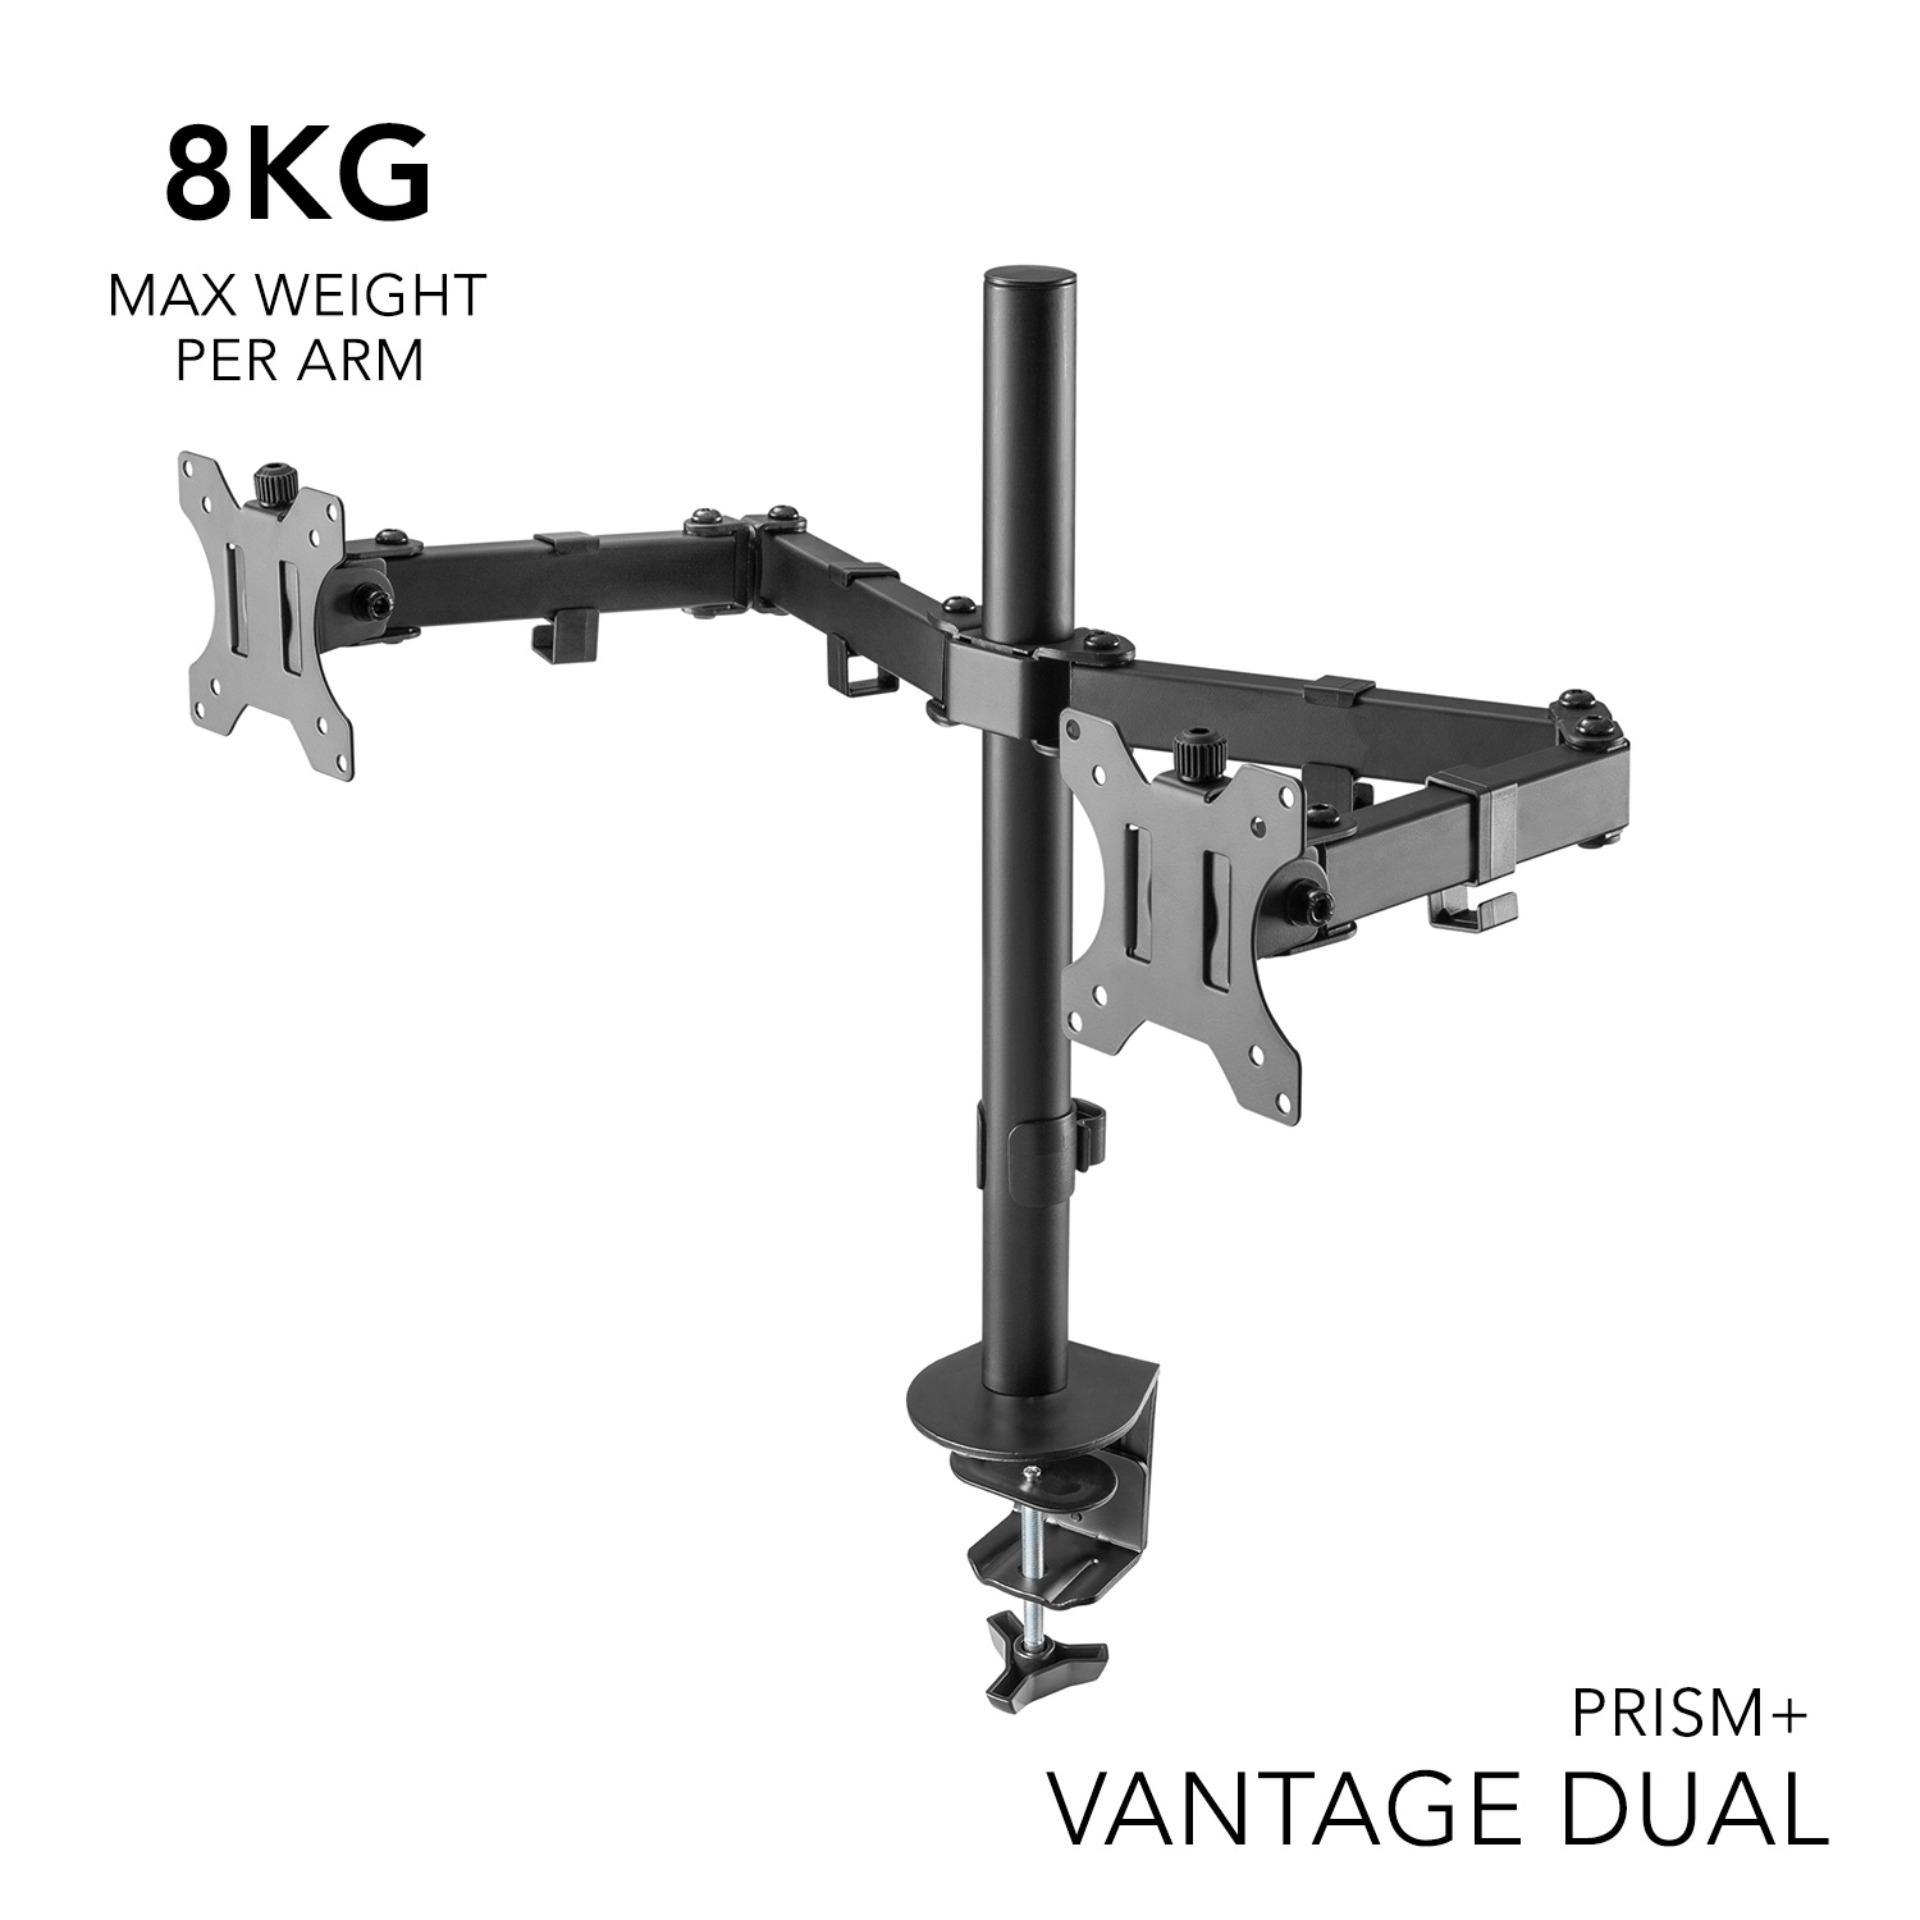 PRISM+ Vantage Dual Monitor VESA Monitor Arm